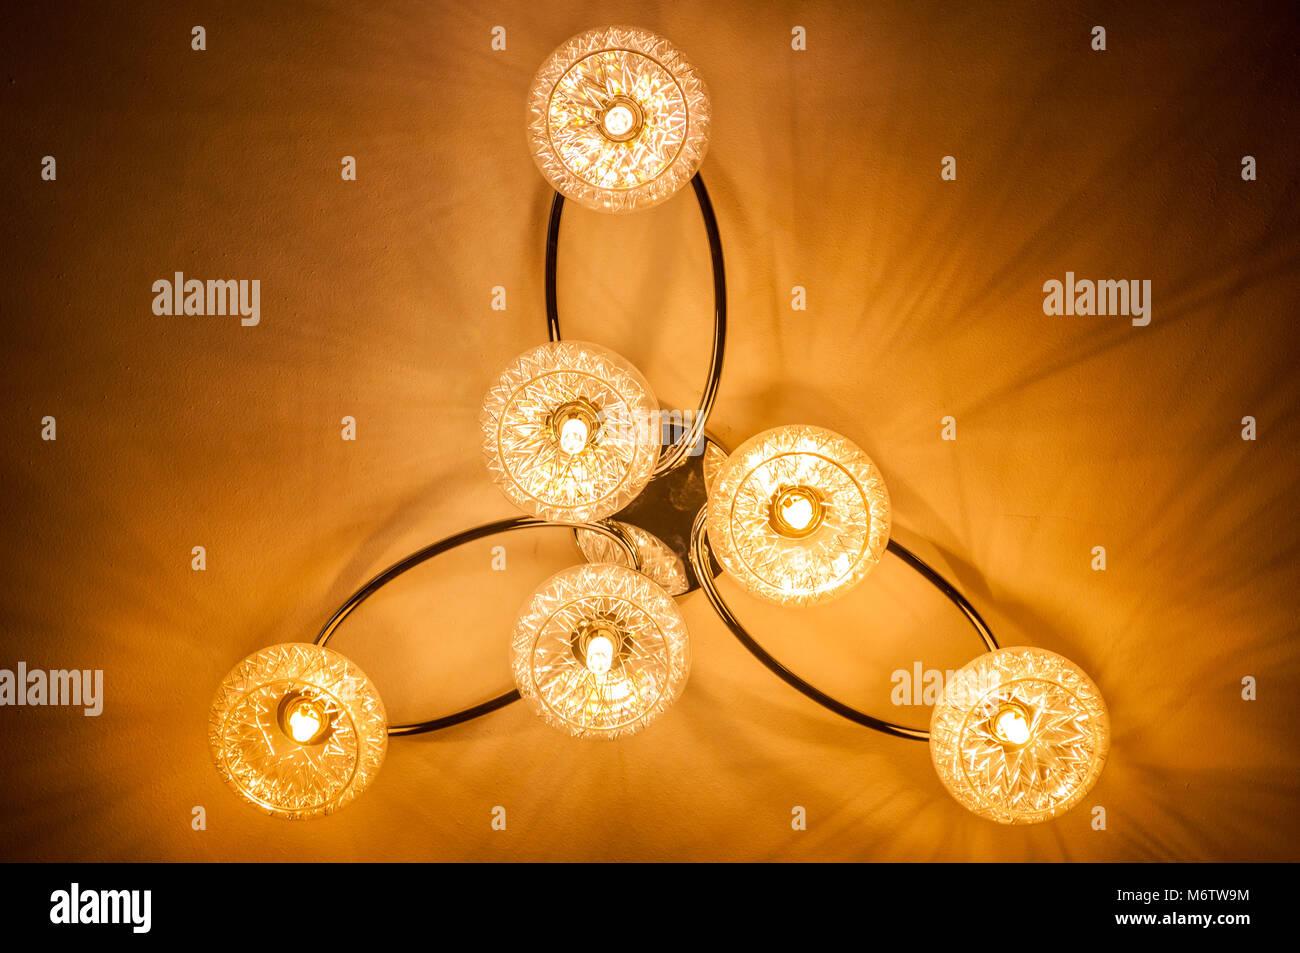 Led Lighting Design Home Stockfotos & Led Lighting Design Home ...